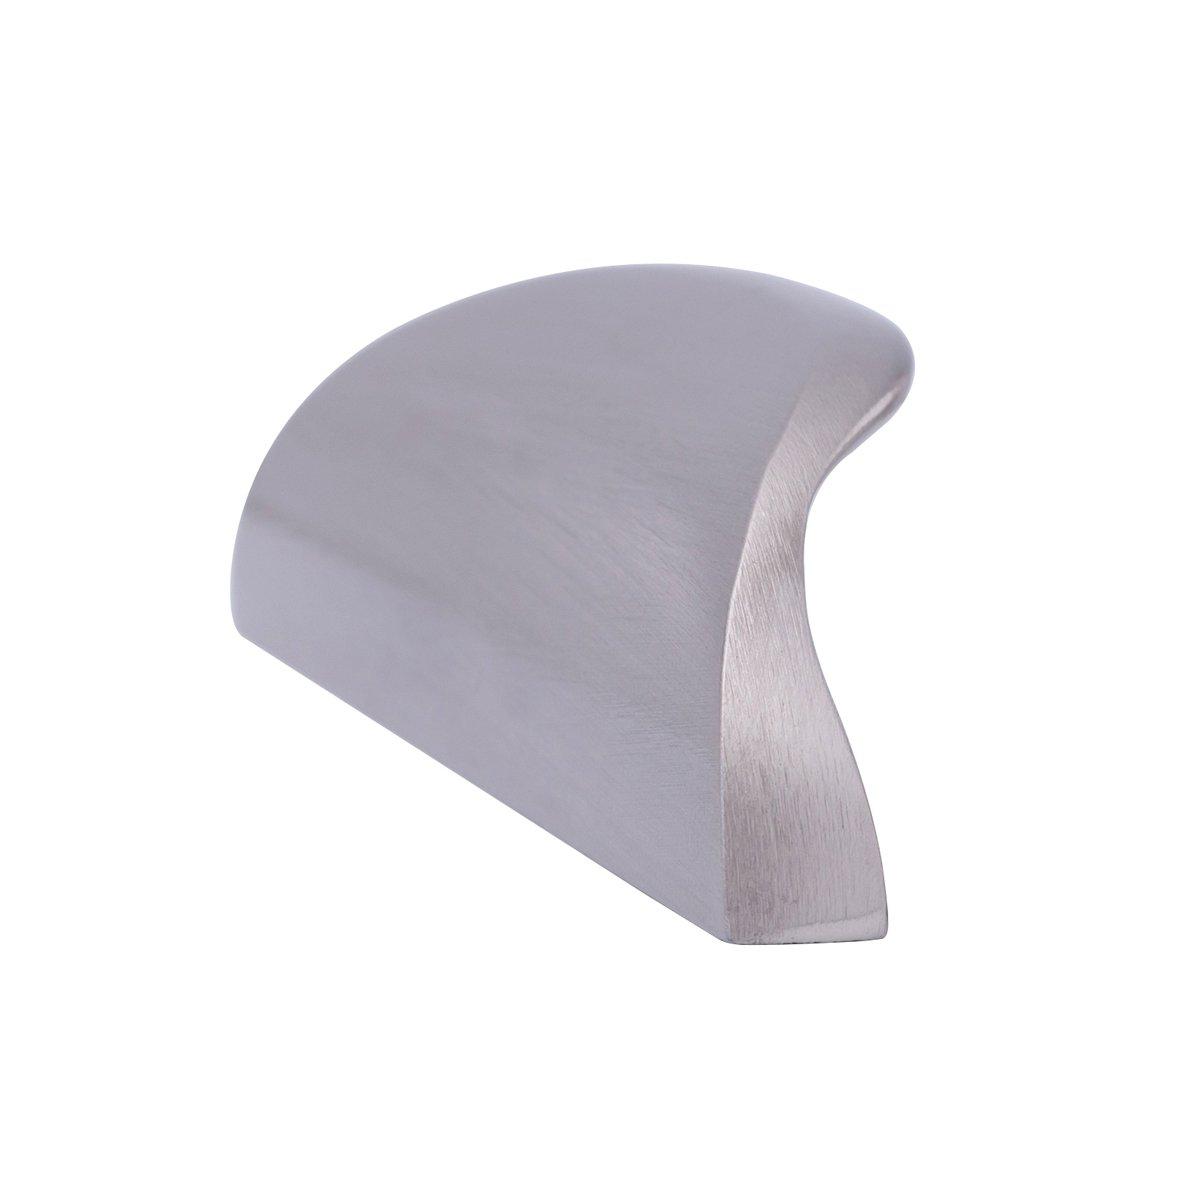 Lunghezza impugnabile: 7,82 cm 3,2 cm da centro a centro Basics stile moderno confezione da 10 Maniglia a impugnatura inferiore per cassetti Nero uniforme